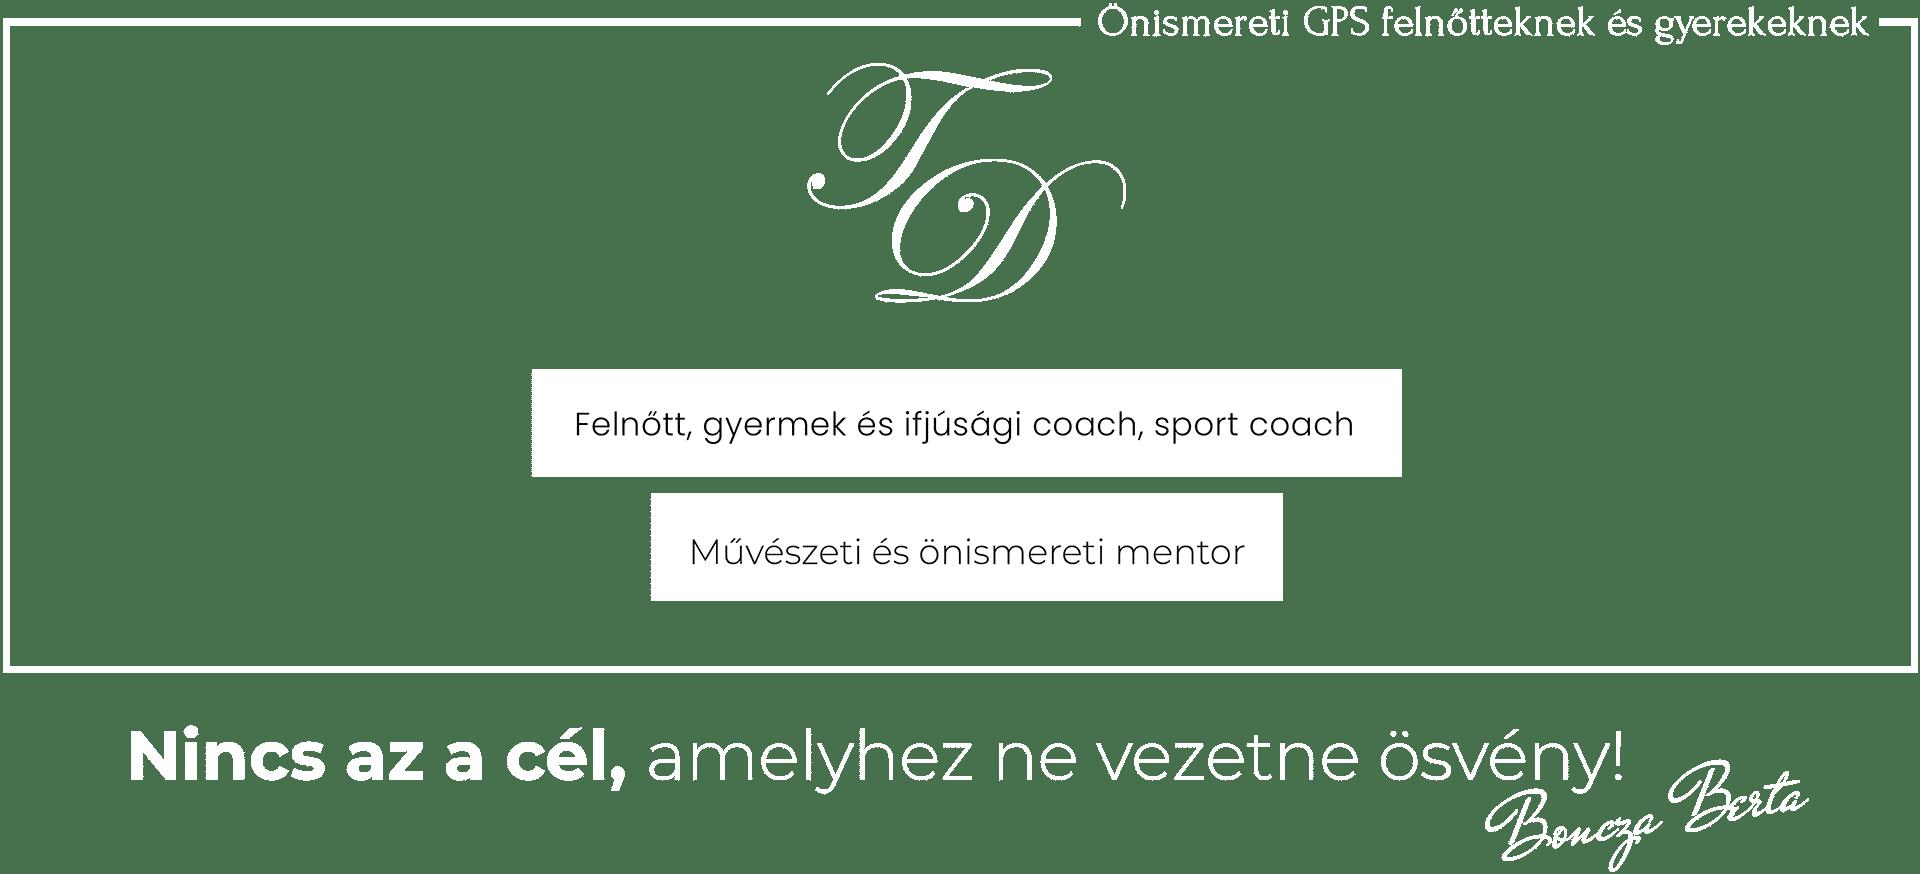 Felnőtt, gyermek és ifjúság coach